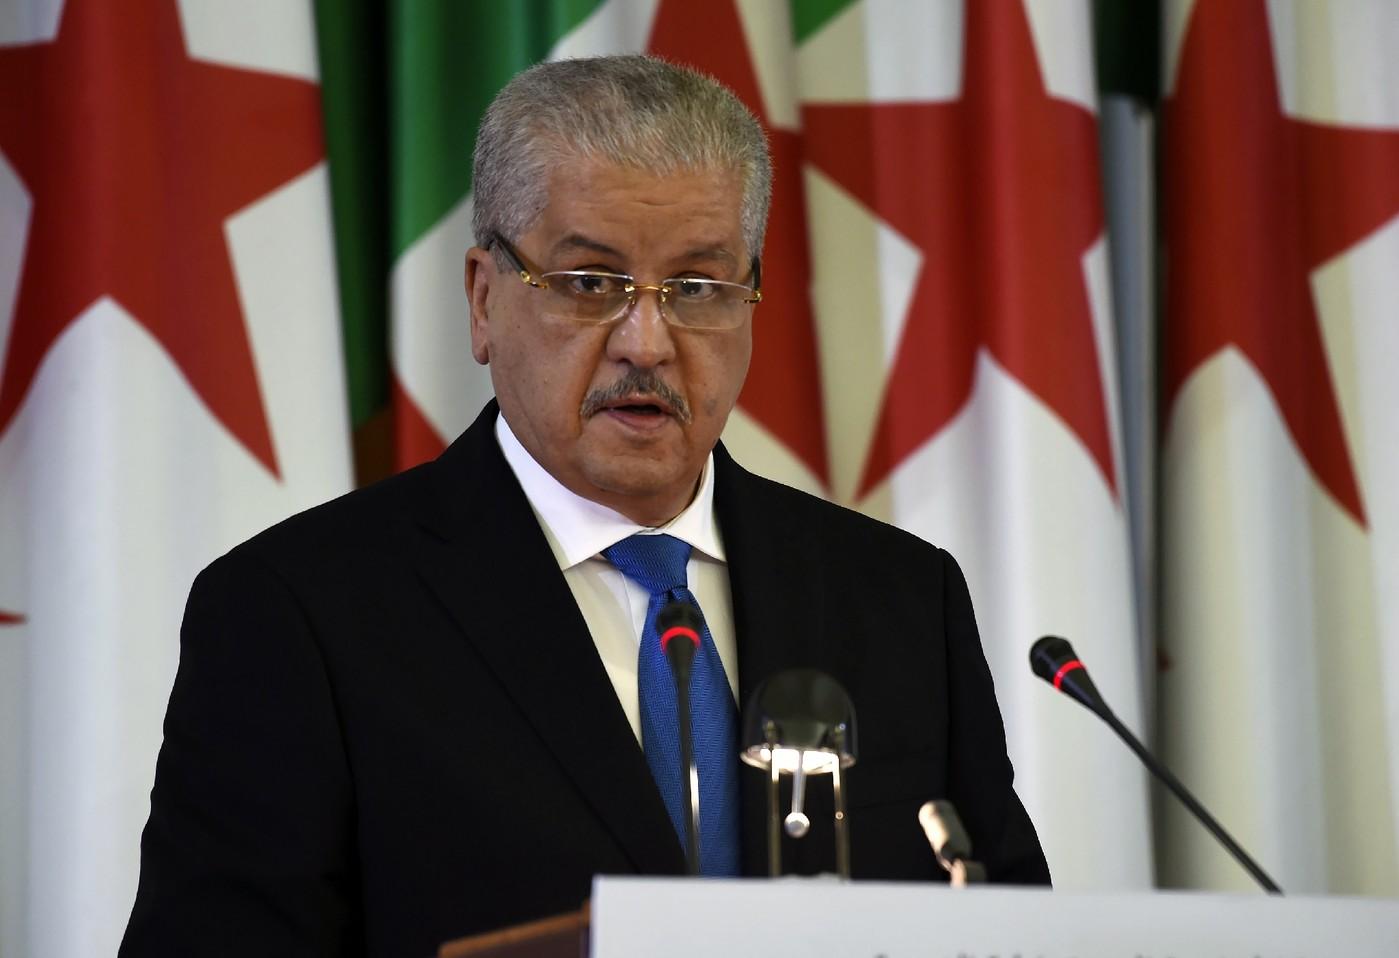 L'Algérie veut réduire ses importations au Nord et conquérir des marchés africains au Sud